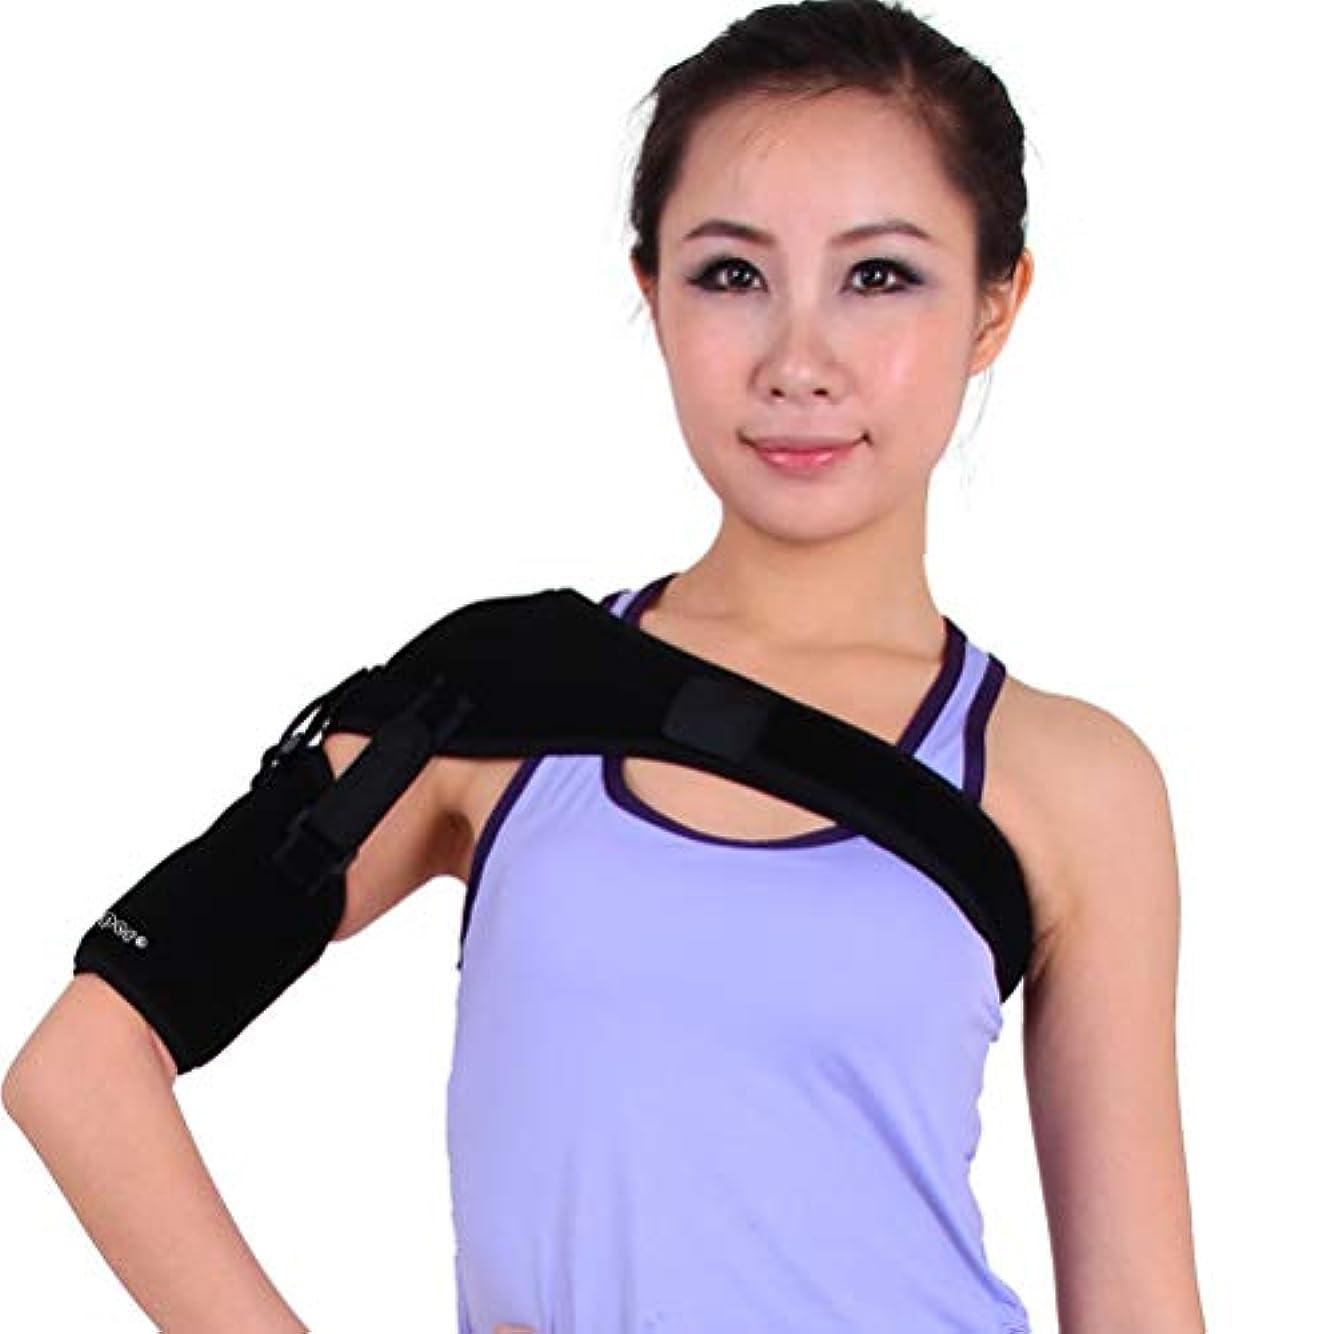 メンダシティパッチ明示的にHealifty ショルダーサポート右腕スリング調整可能な肘サポートメッシュブレース医療用スリングストラップ固定具(スポーツ用)壊れた骨折した腕(黒)